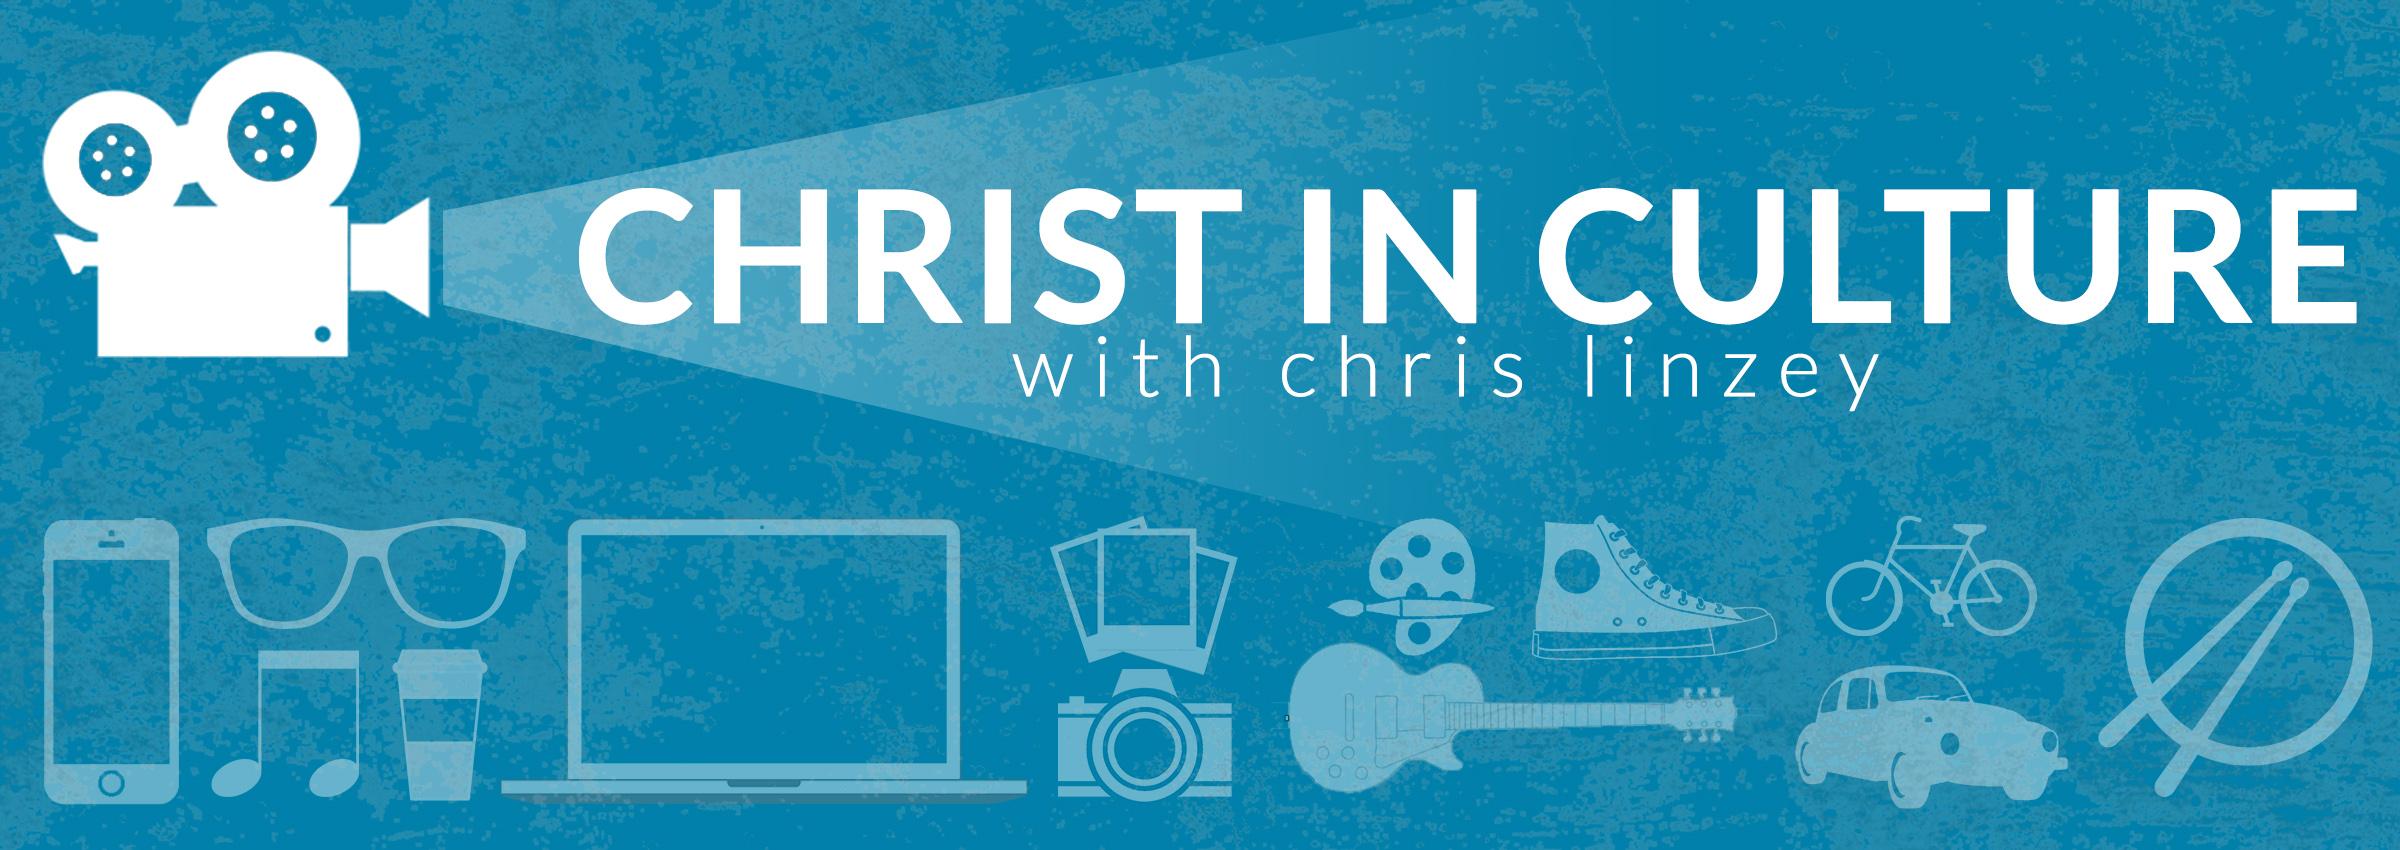 Christ In Culture